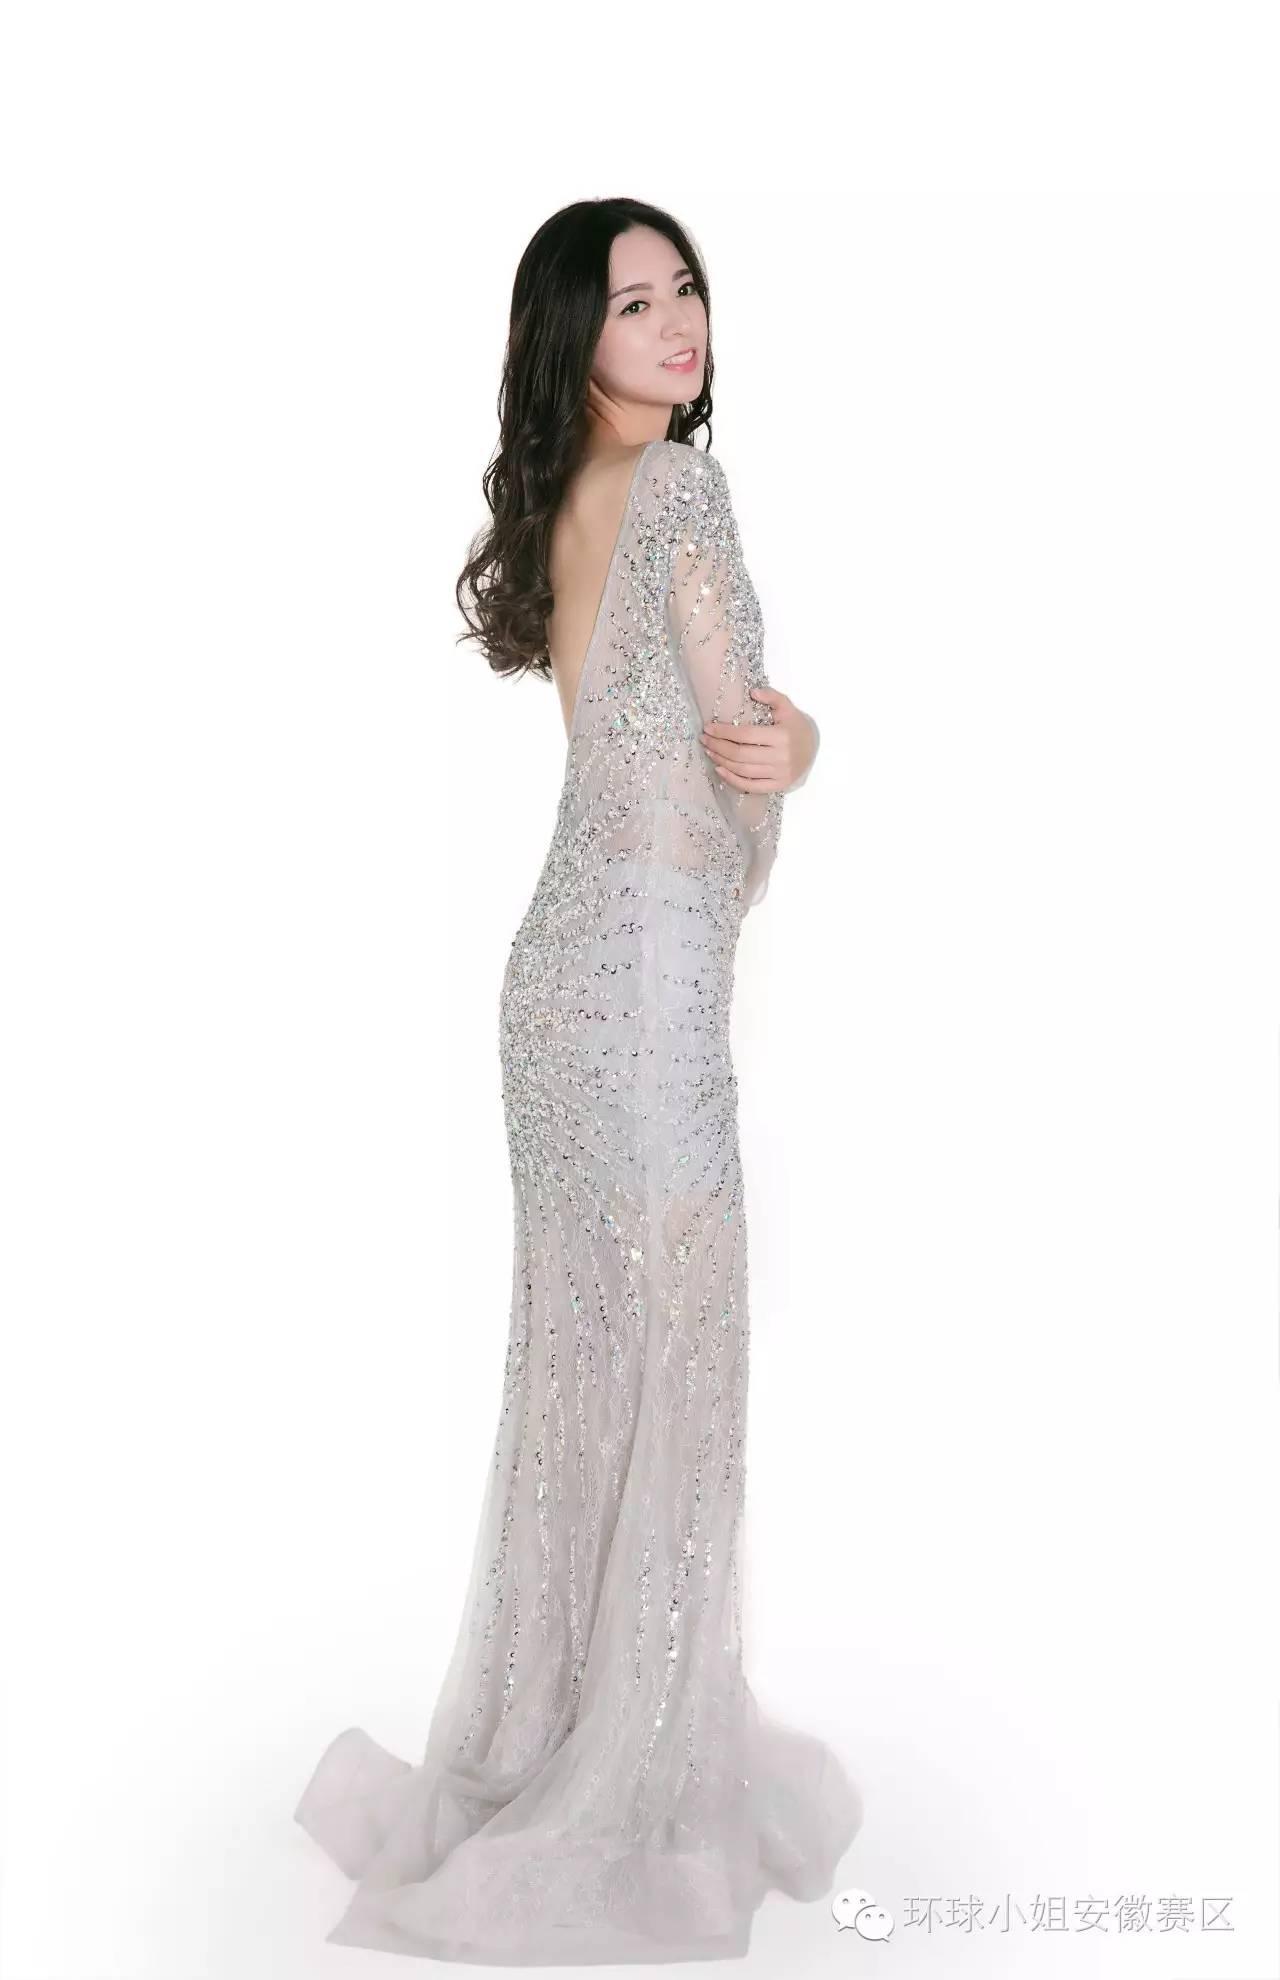 明天,2016环球小姐安徽赛区决赛之夜惊爆你的眼球